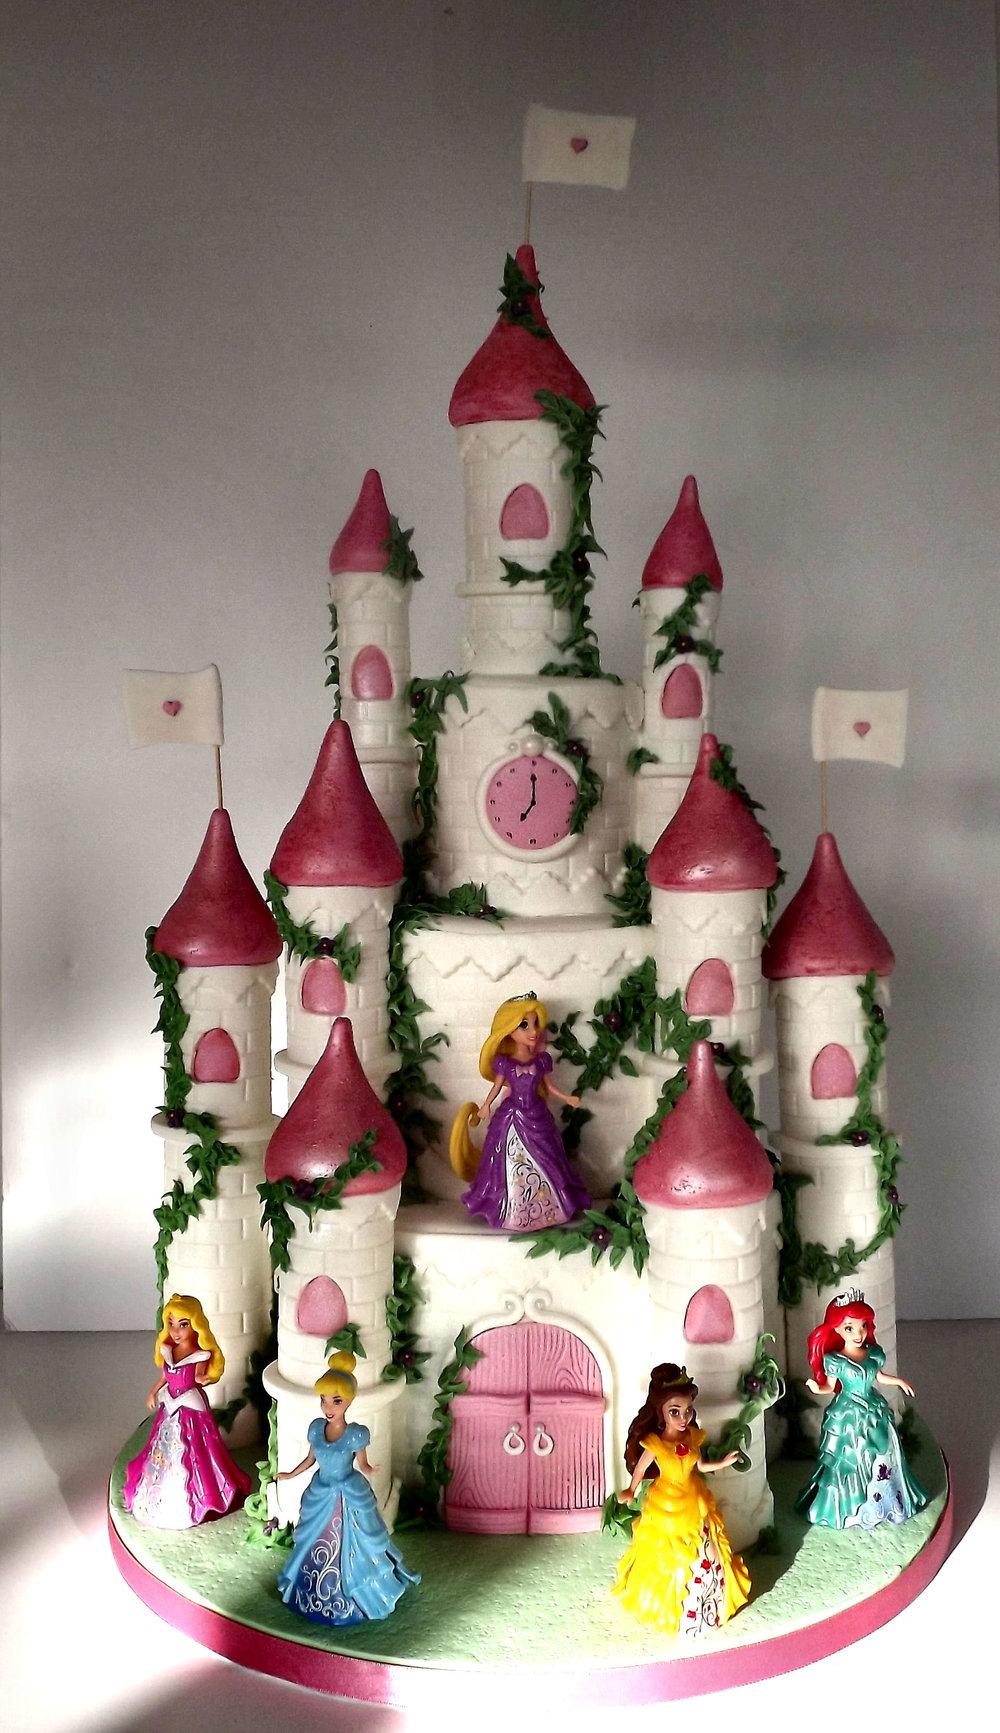 castle cake2.jpg